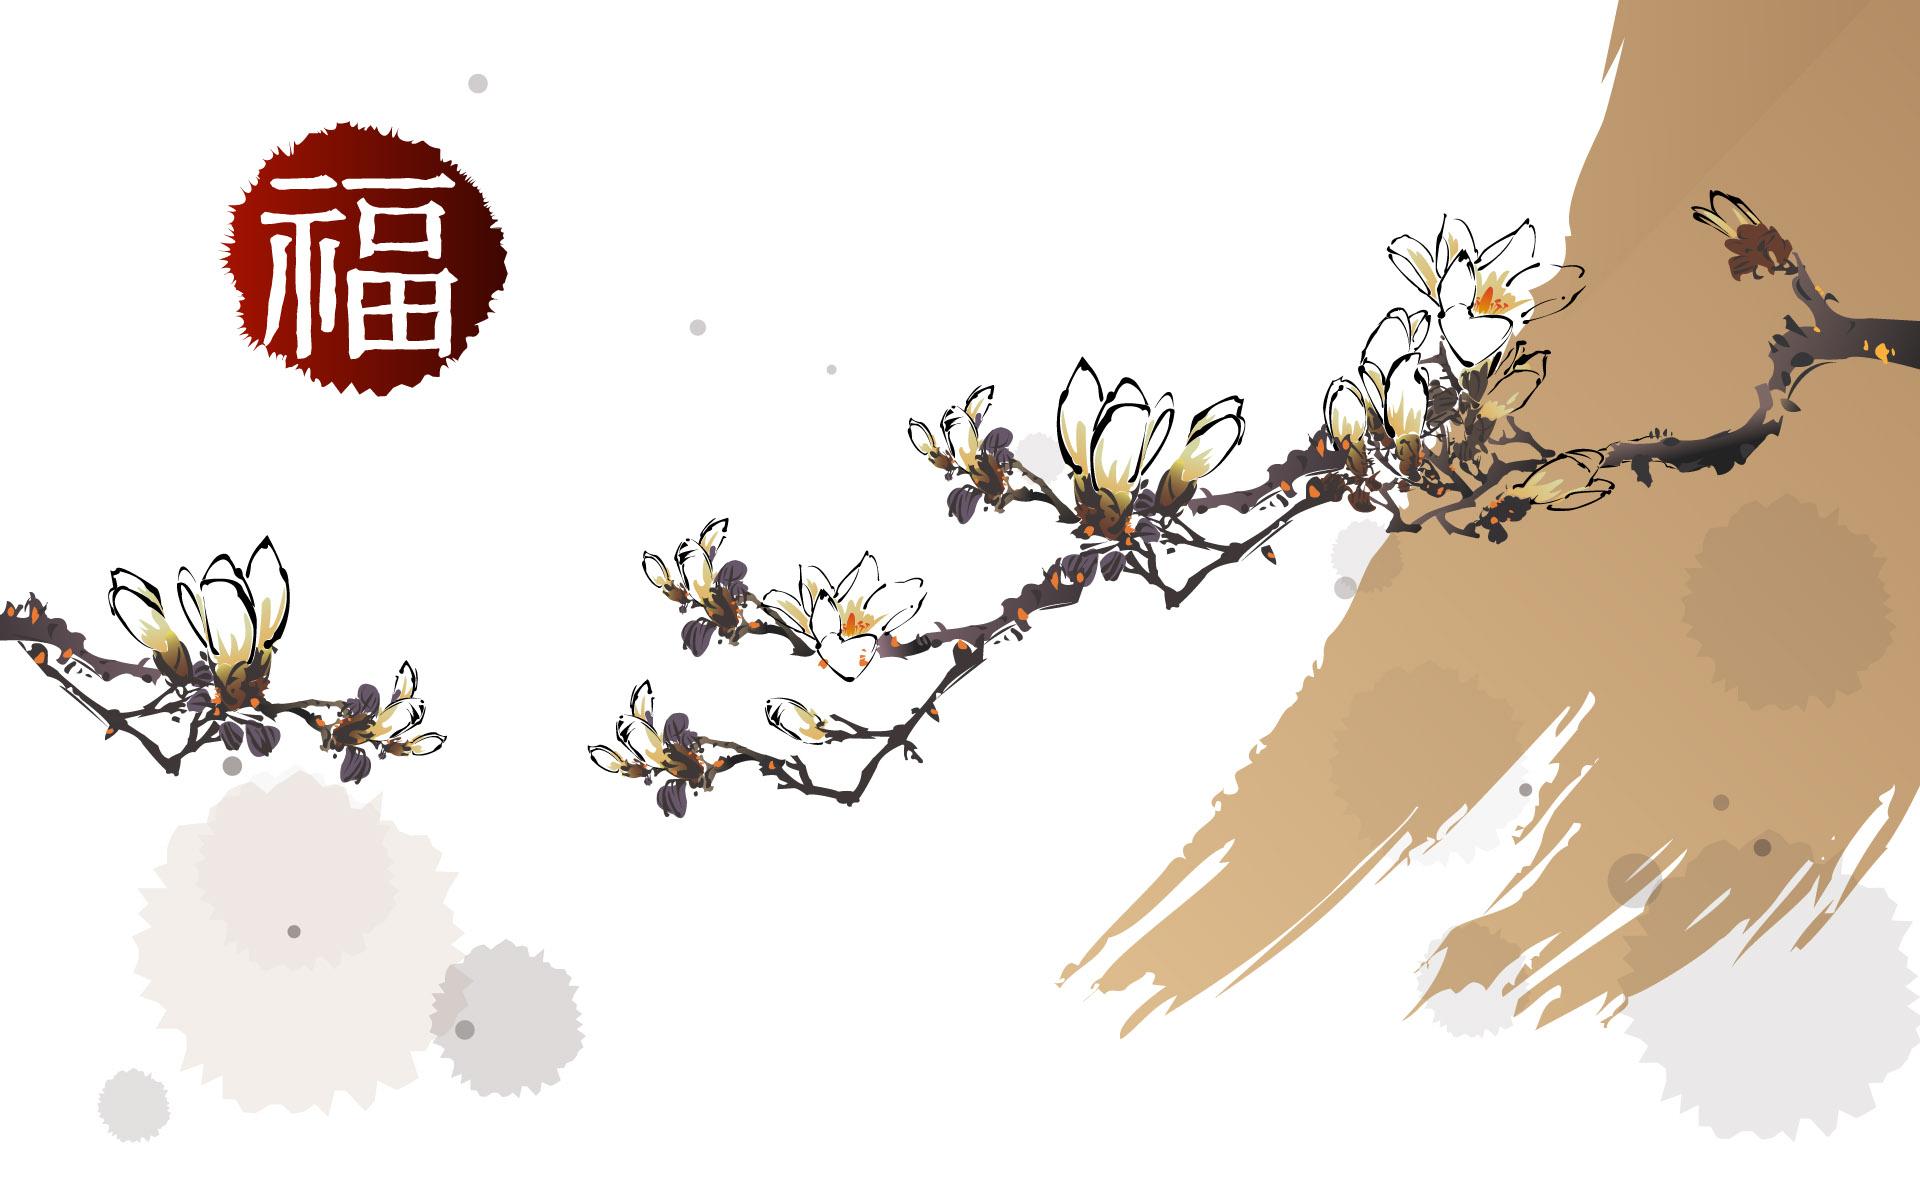 япония минимализм картинки однотипные выглядят, как